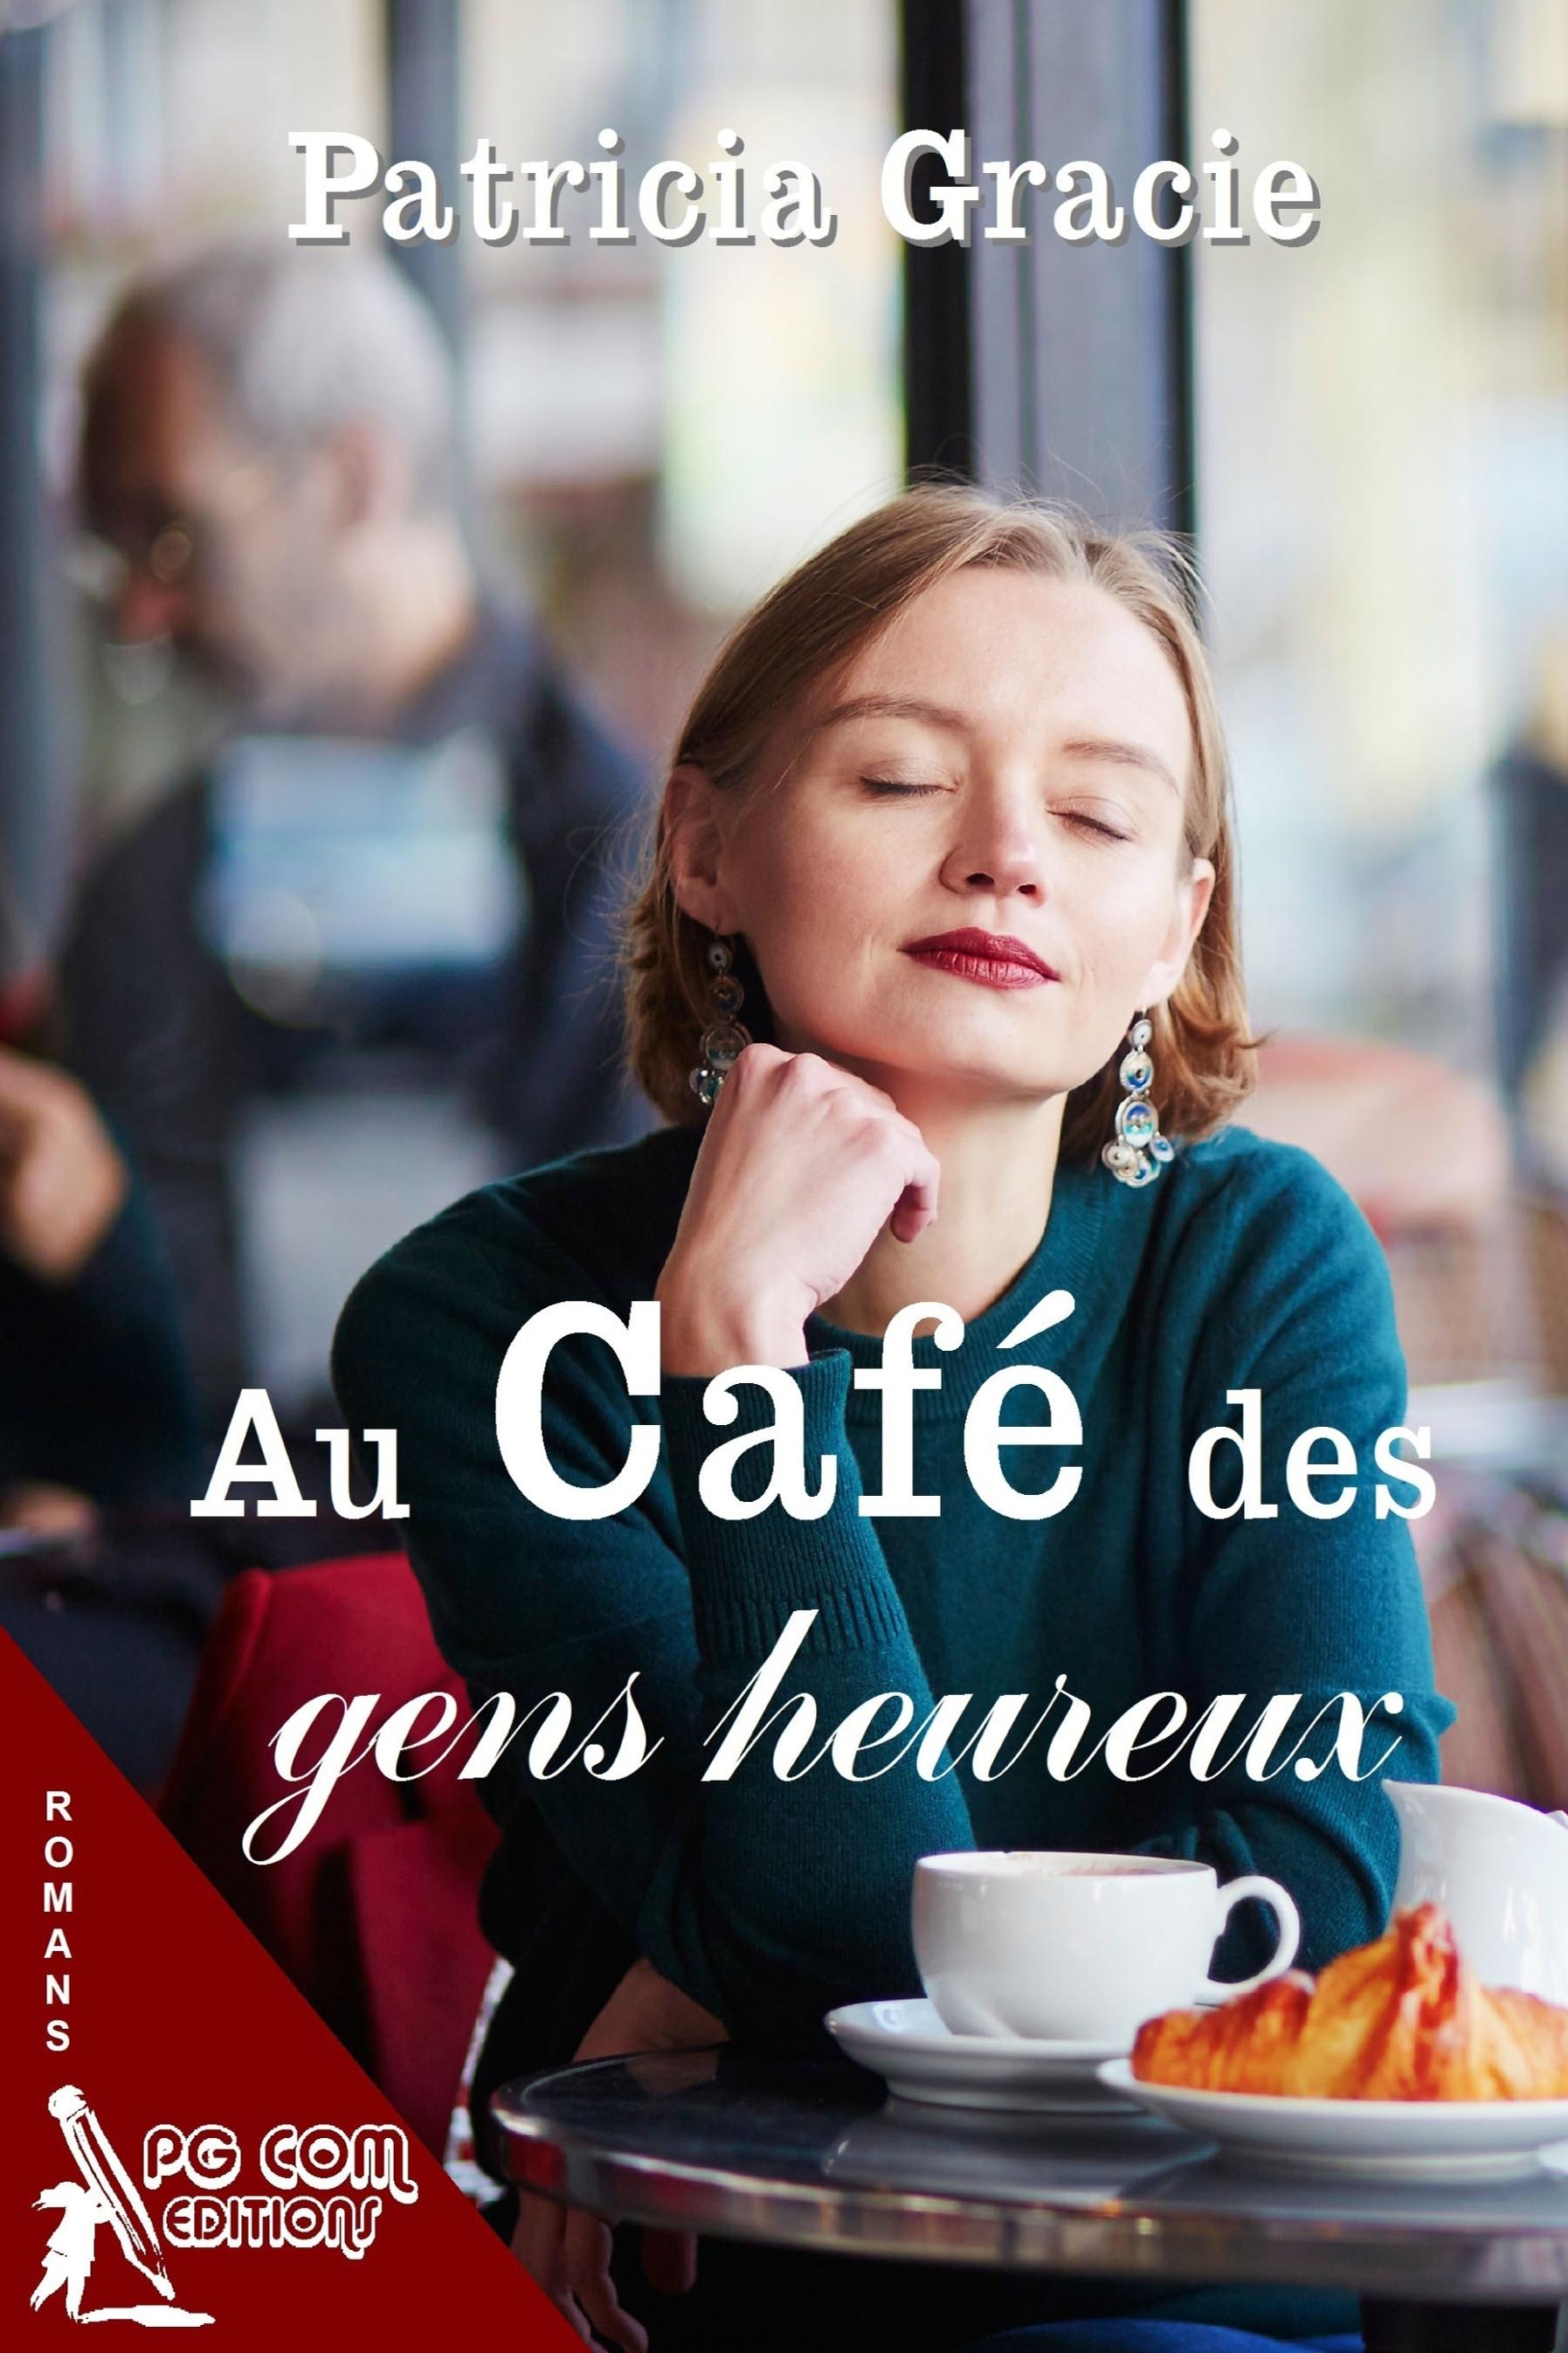 AU CAFE DES GENS HEUREUX